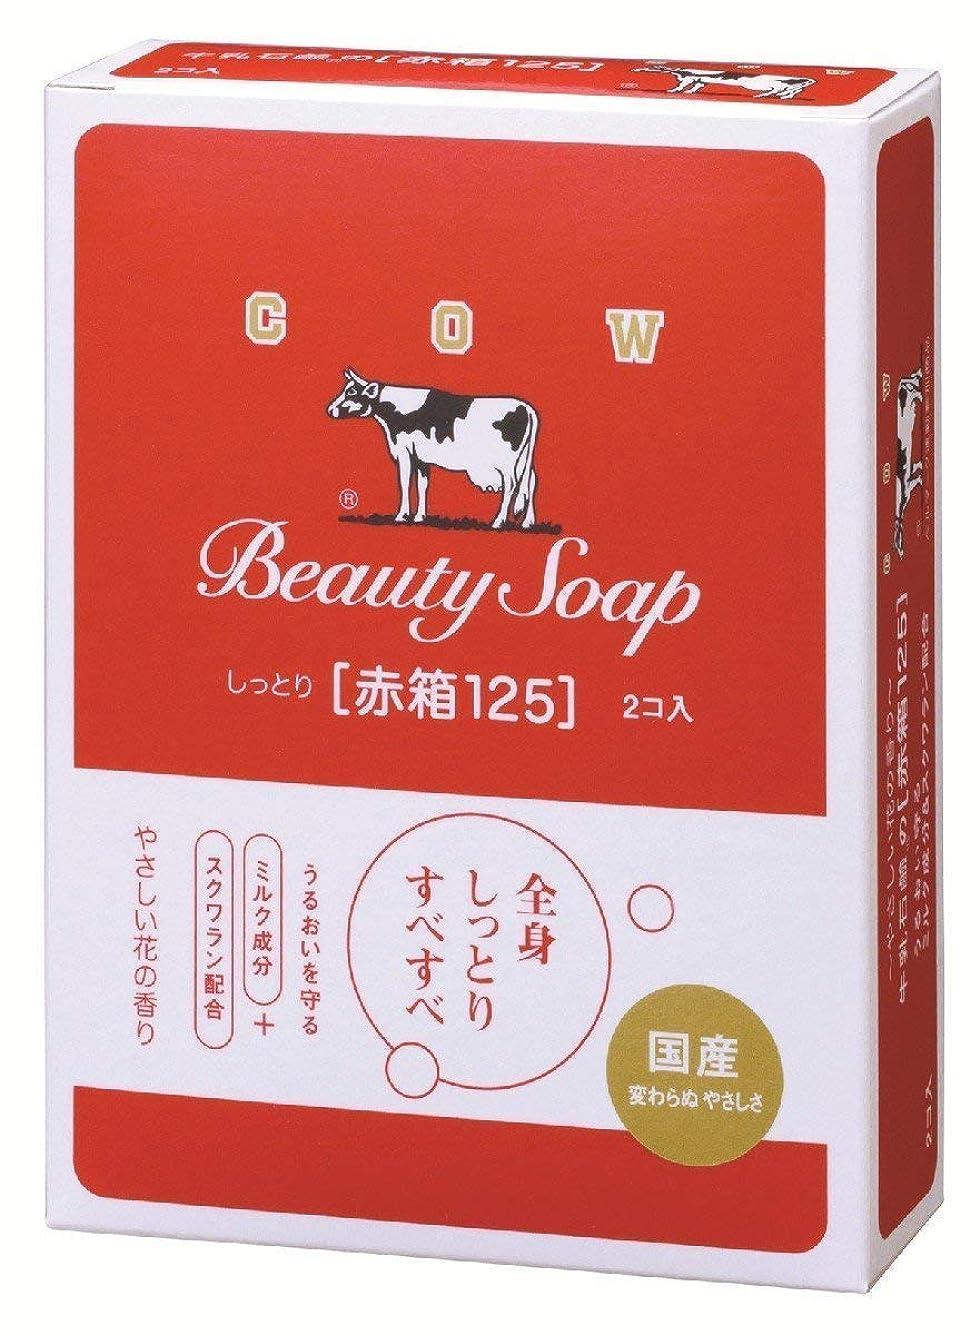 サワー自動絶望的な牛乳石鹸共進社 カウブランド 赤箱 125g×2コ入り×6個